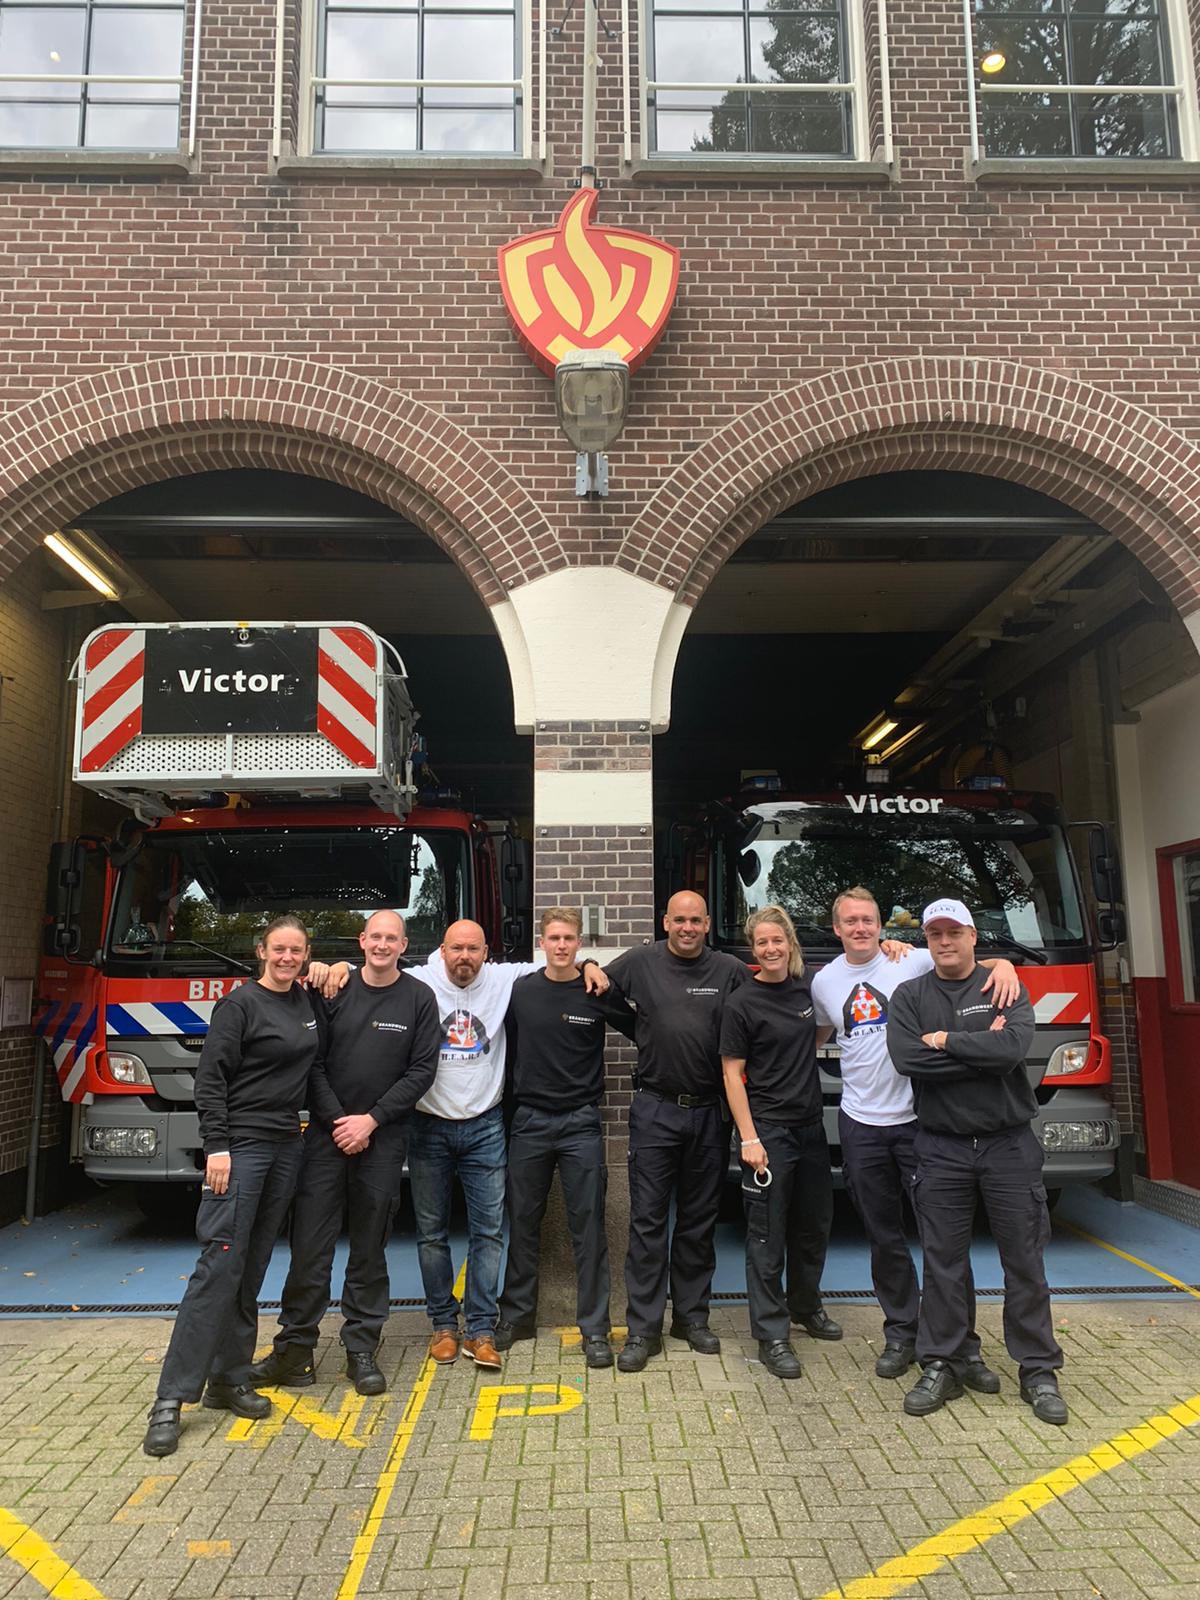 Marco op bezoek bij brandweerkazerne Victor